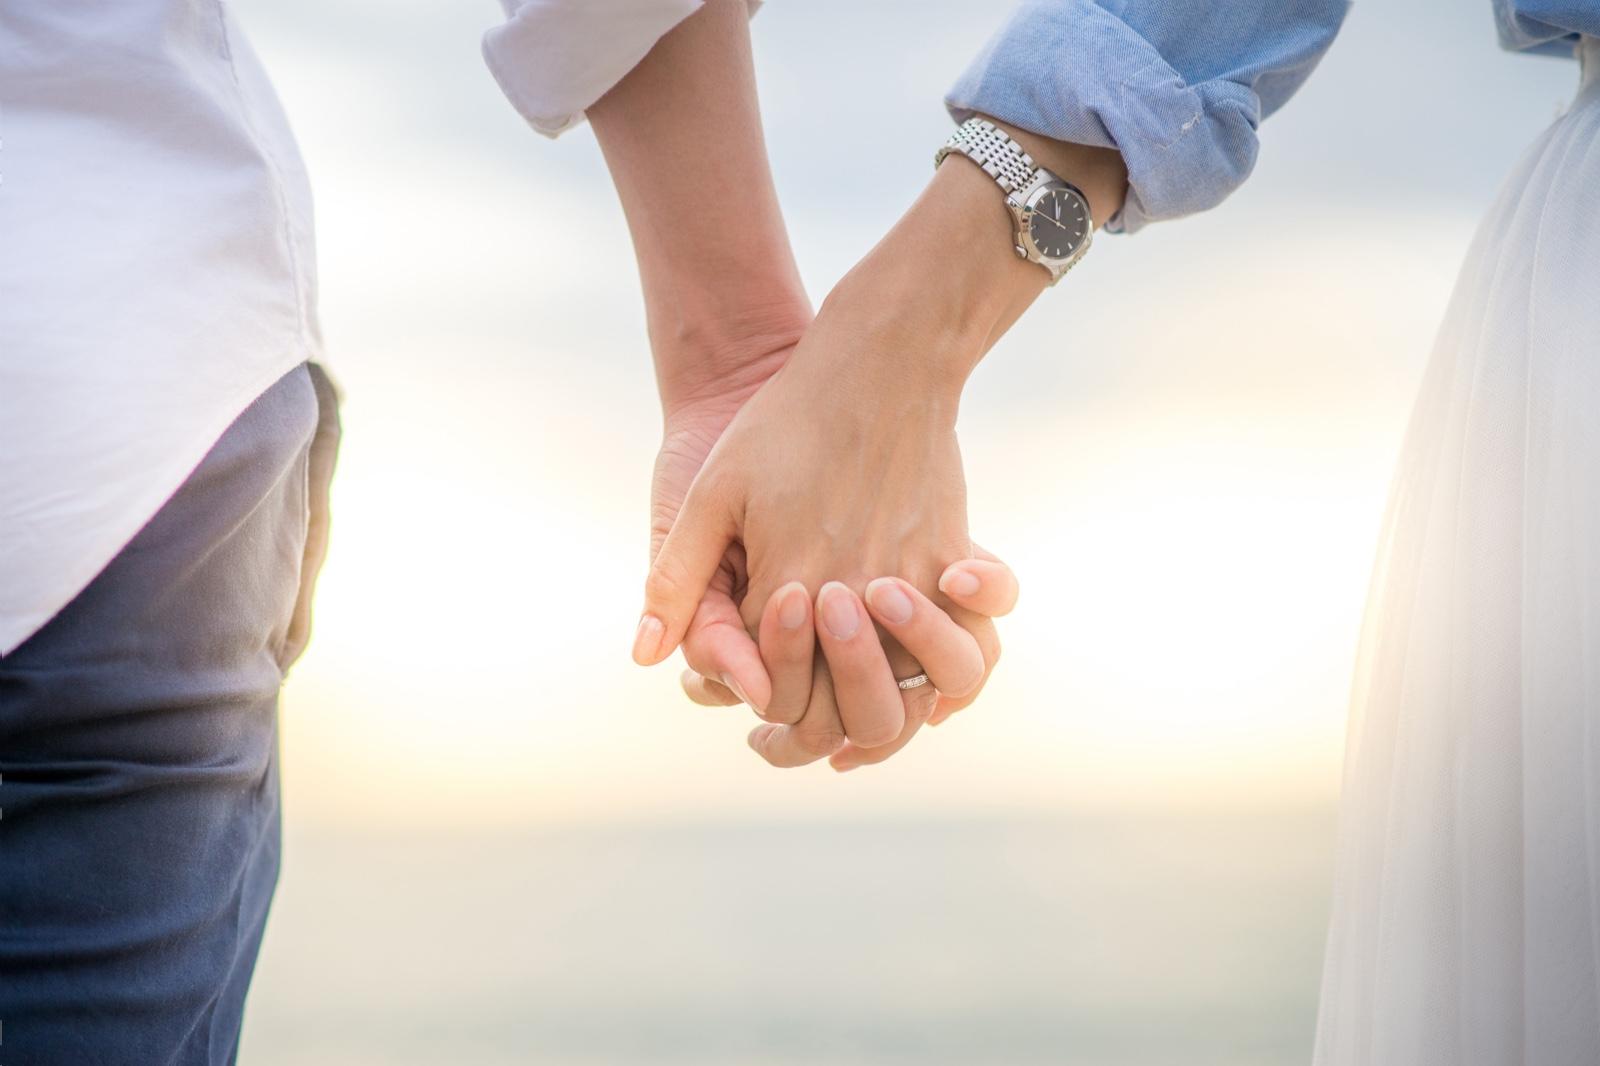 イメージ:団塊から恋愛婚世代へ